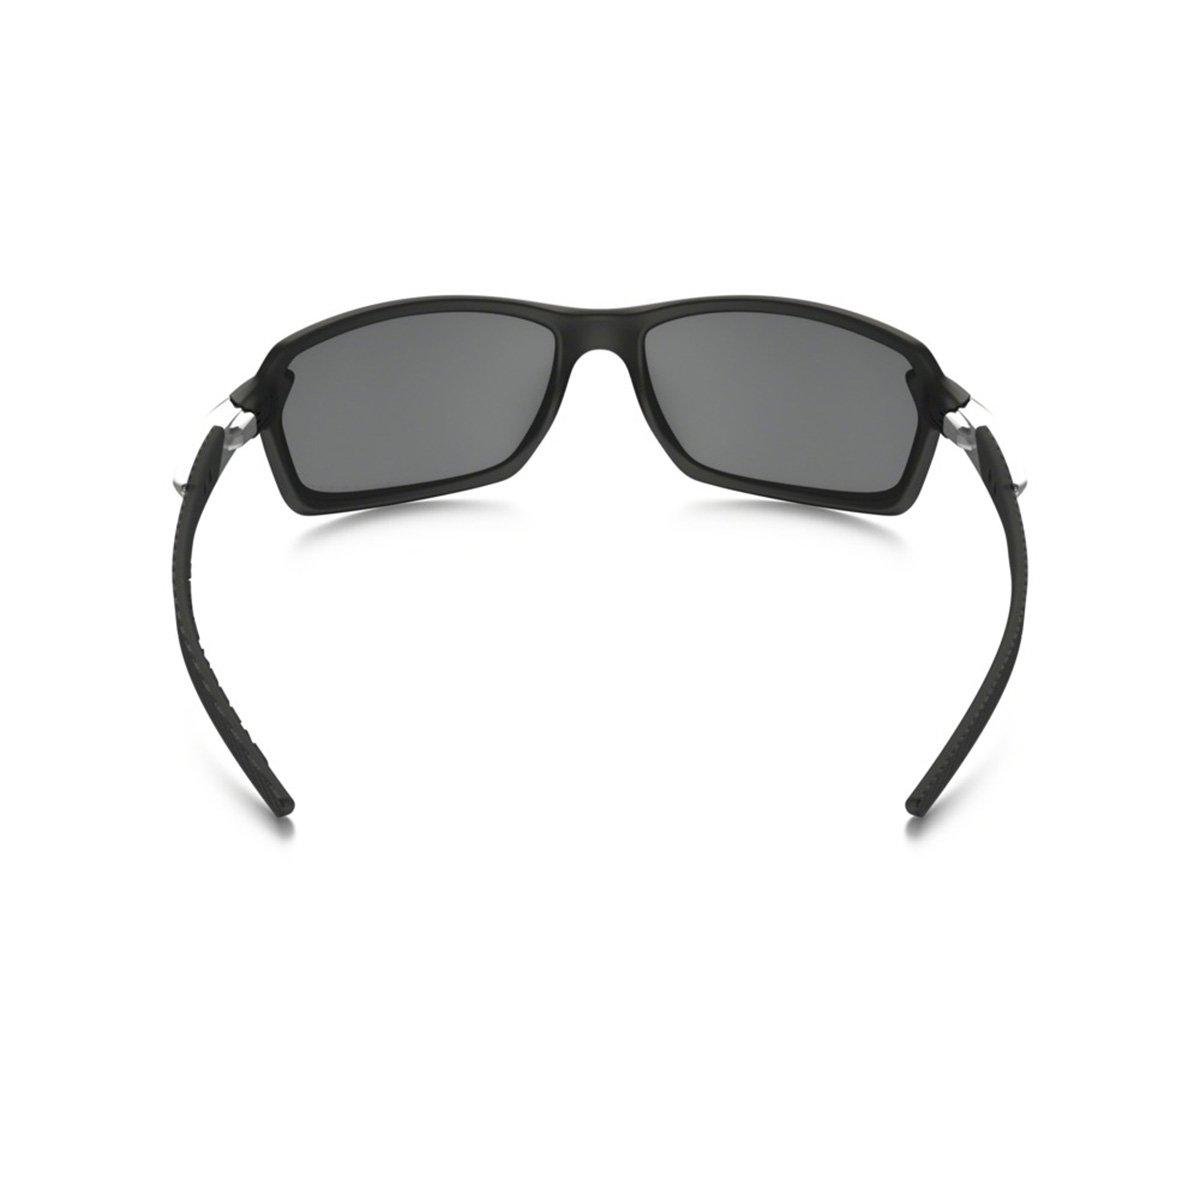 275440ec5e Amazon.com  Oakley Carbon Shift Polarized Sunglasses